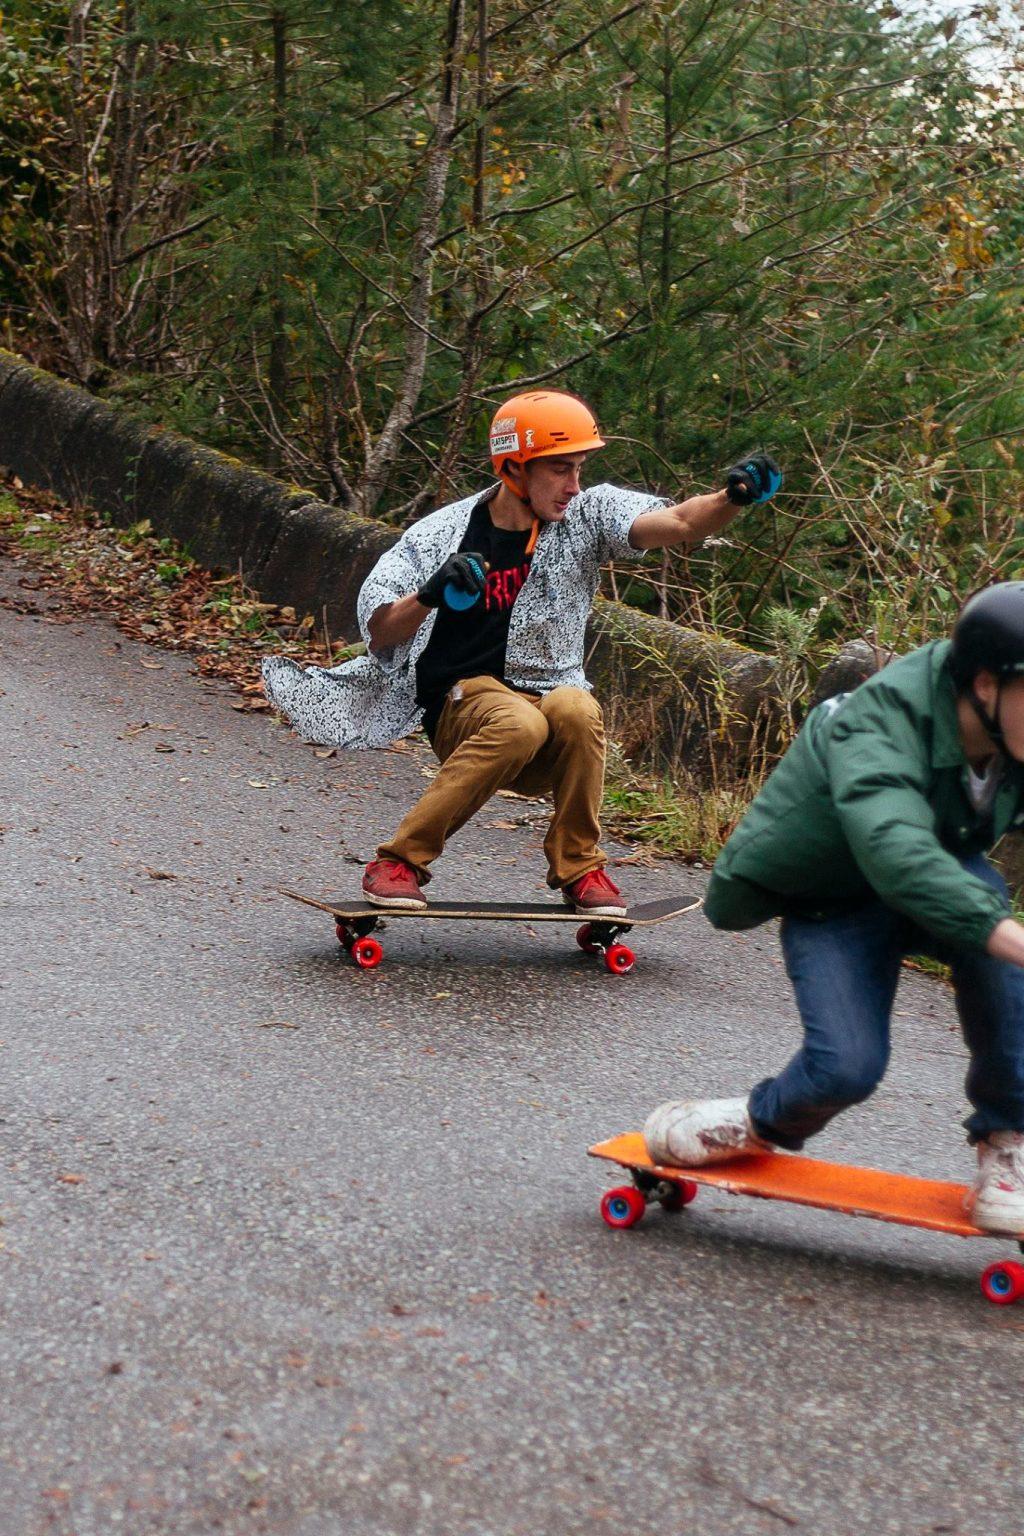 22-sam-galus-flatspot-longboards-valhalla-skateboards-higway-jam-highwayjamx-sho-ouellette-sho-stopper-longboarding